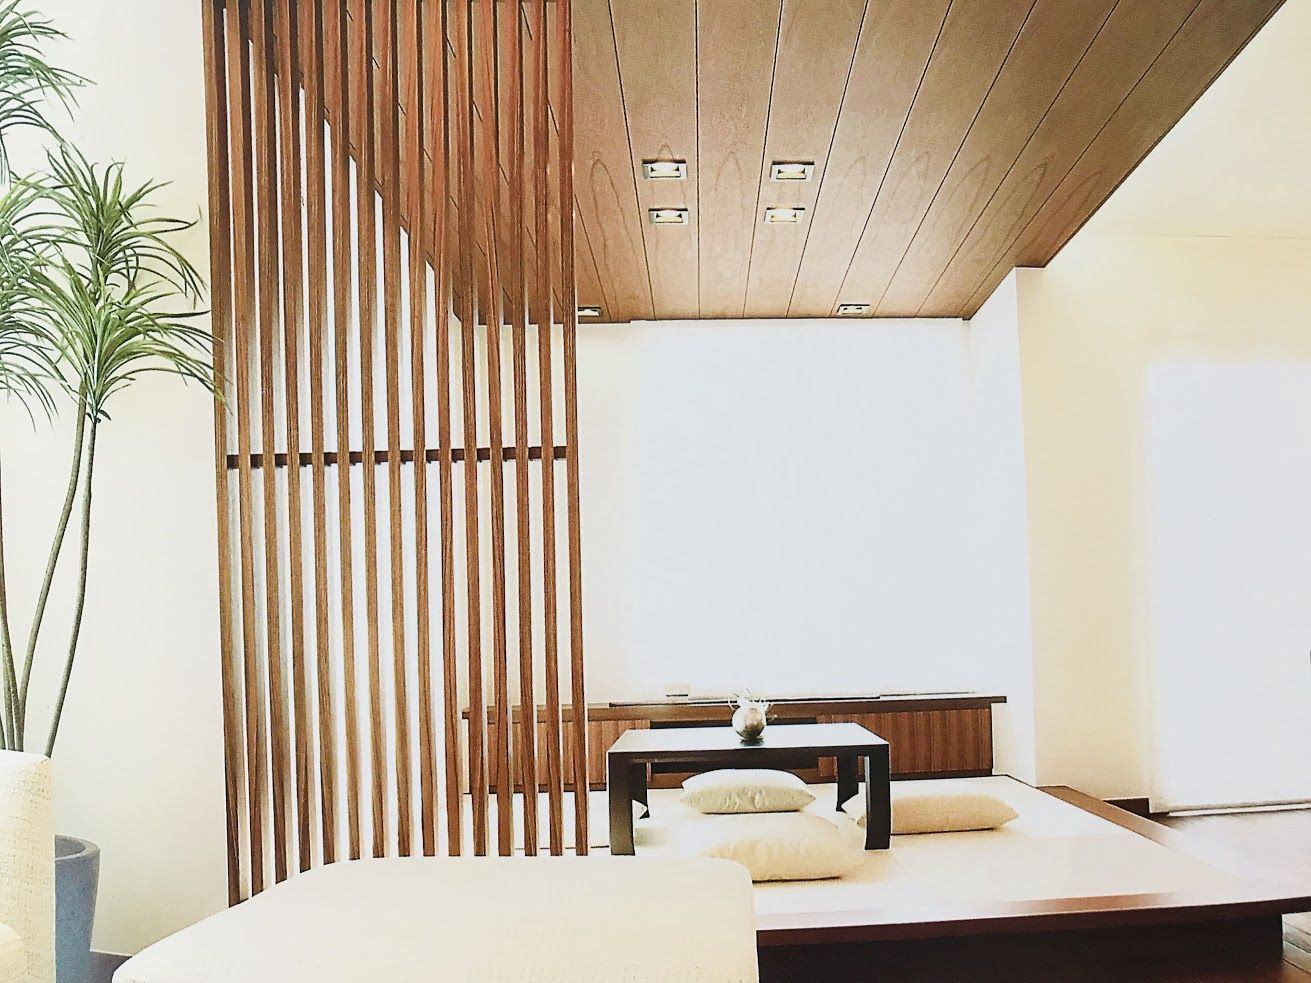 天井に木目クロス 木目壁紙 施工完了 実際貼ってわかったメリット